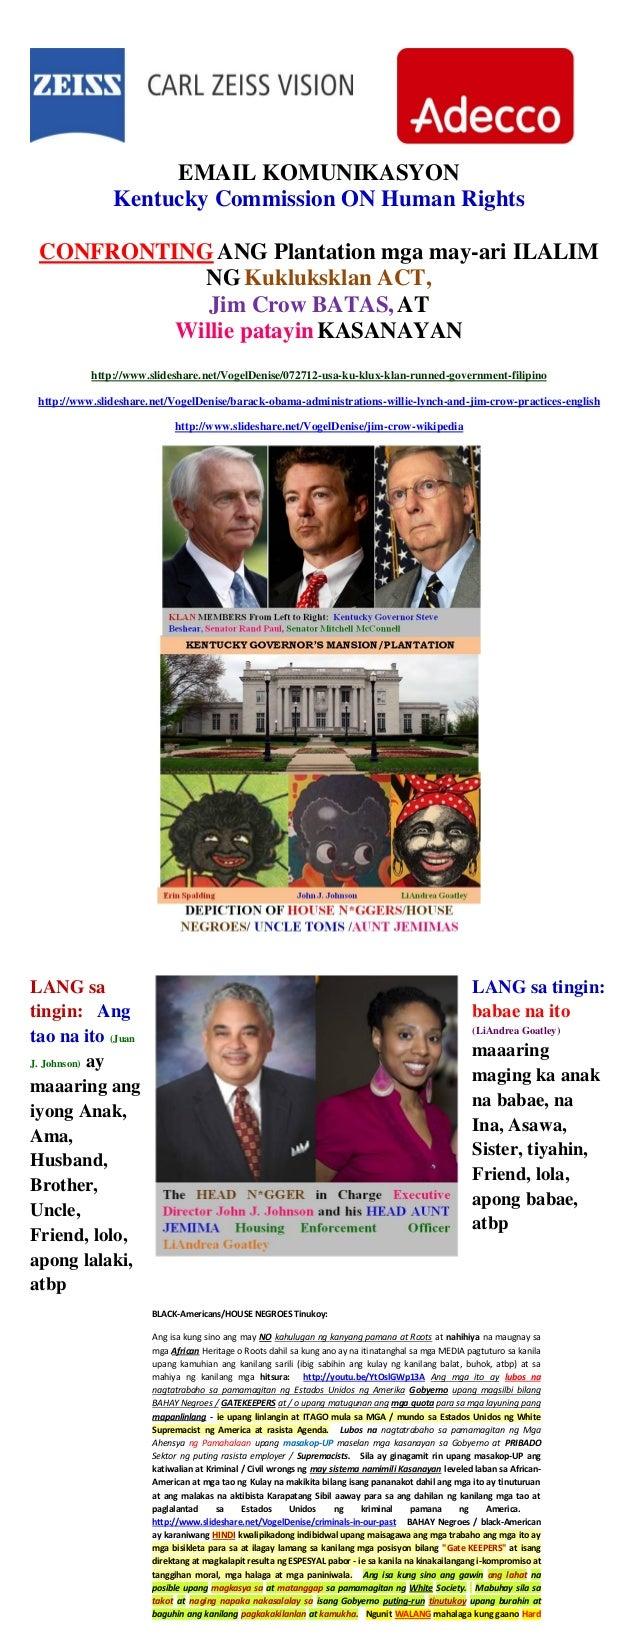 EMAIL KOMUNIKASYON Kentucky Commission ON Human Rights CONFRONTINGANG Plantation mga may-ari ILALIM NGKukluksklan ACT, Jim...